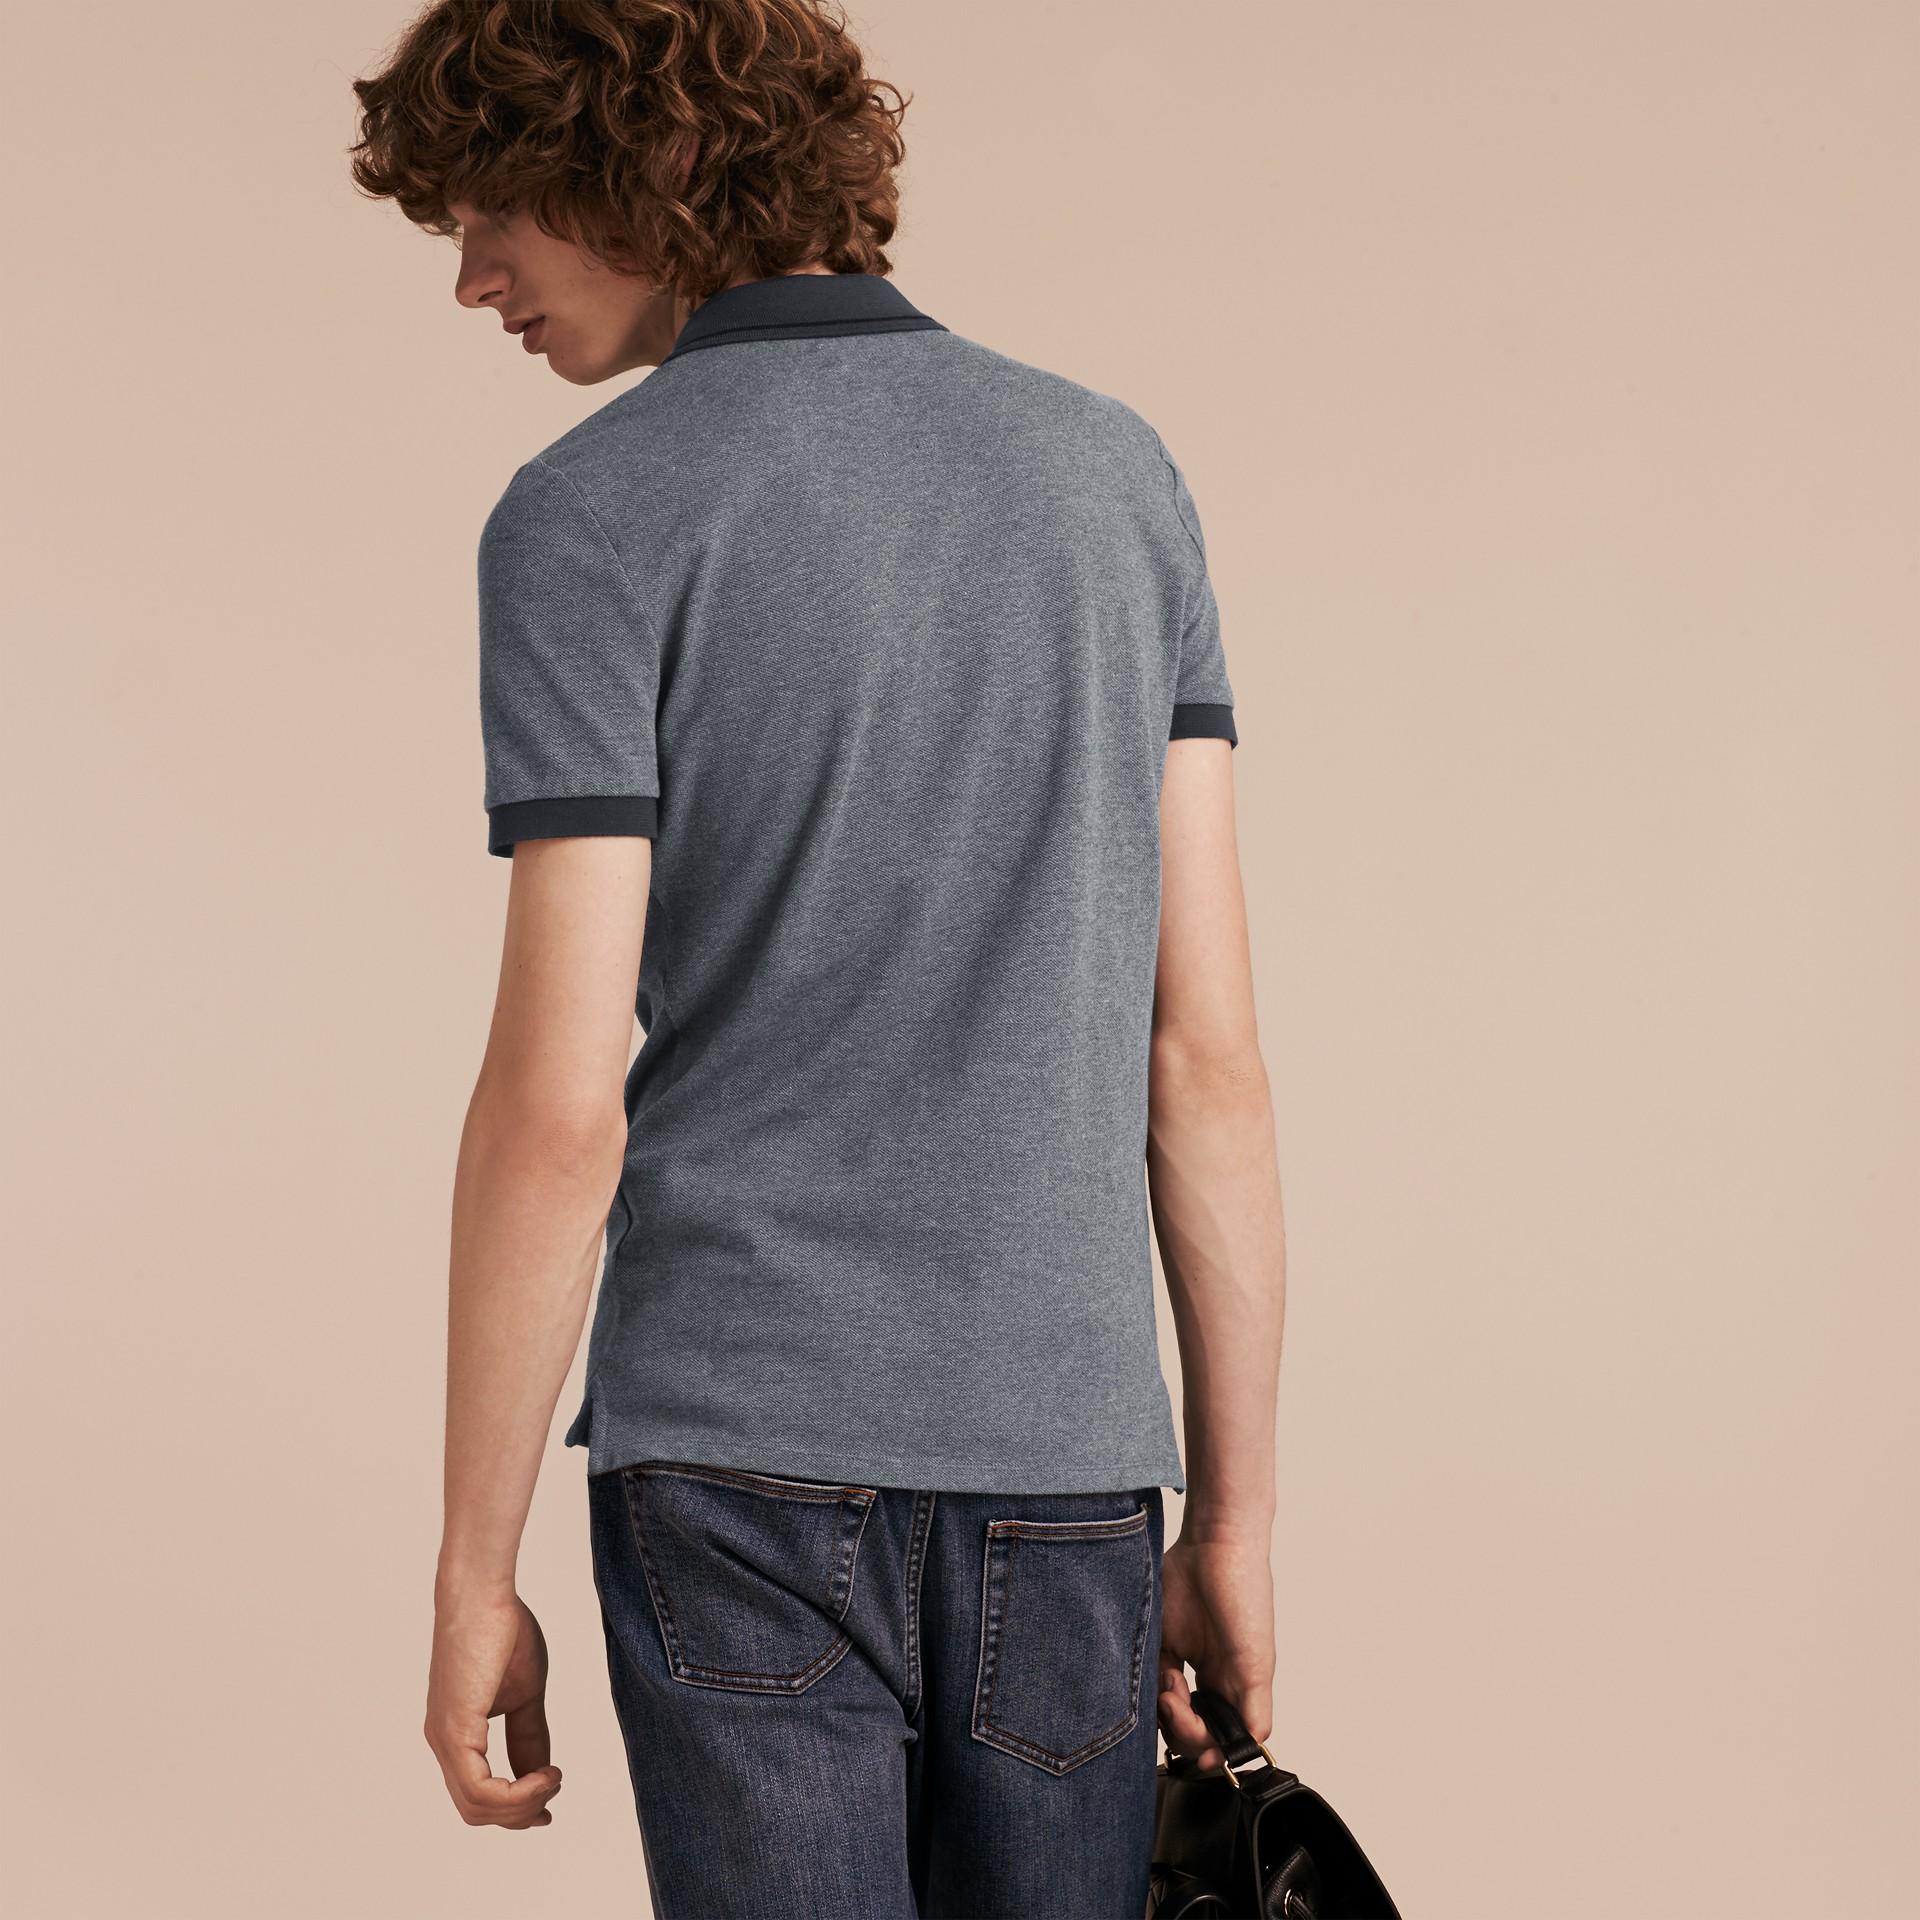 Mid grey melange Camisa polo de algodão piquê com detalhes contrastantes Mid Grey Melange - galeria de imagens 3